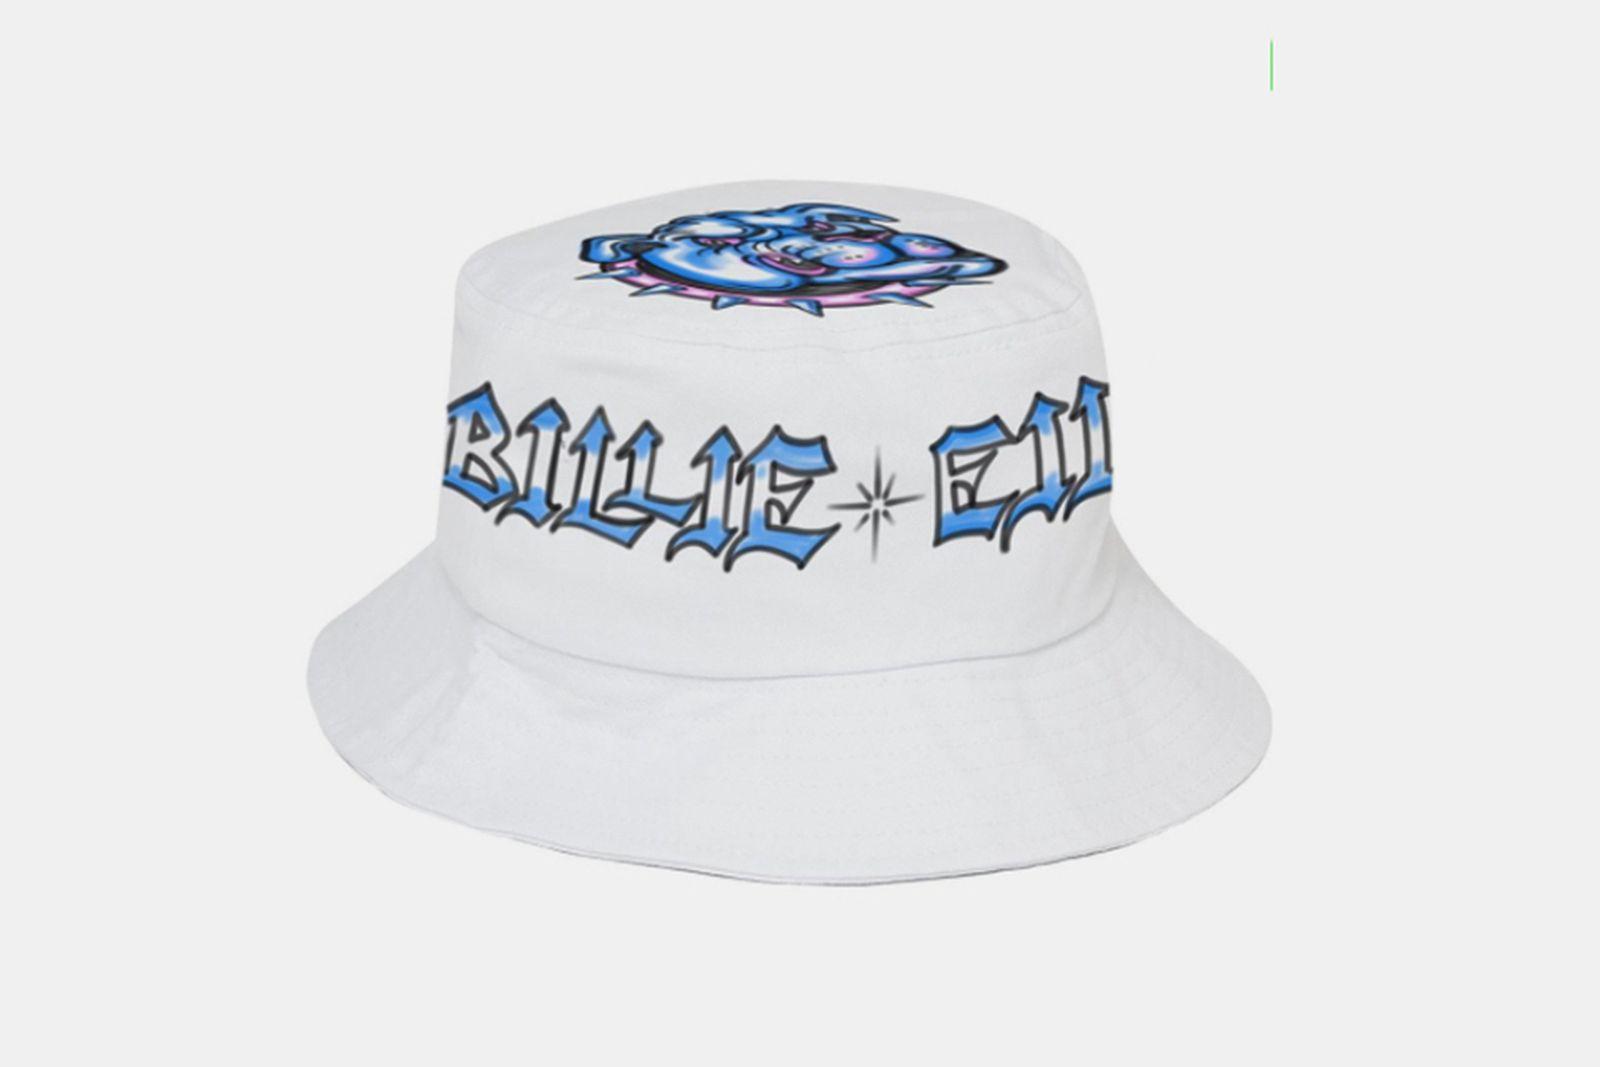 billie eilish limited merch